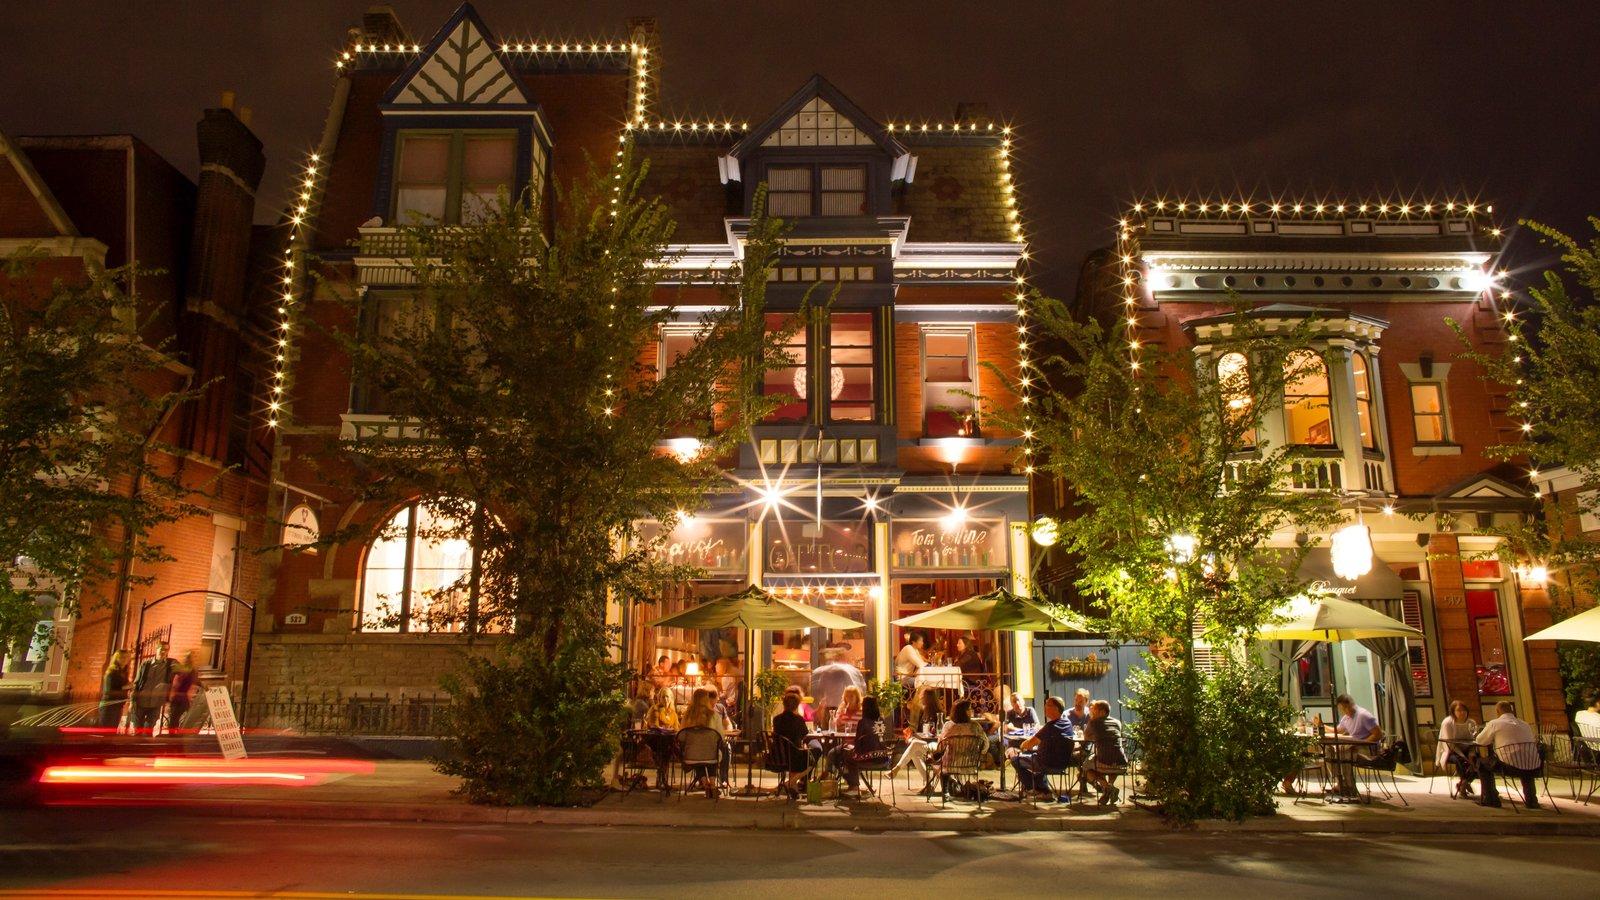 MainStrasse Village mostrando cenas noturnas e jantar ao ar livre assim como um pequeno grupo de pessoas